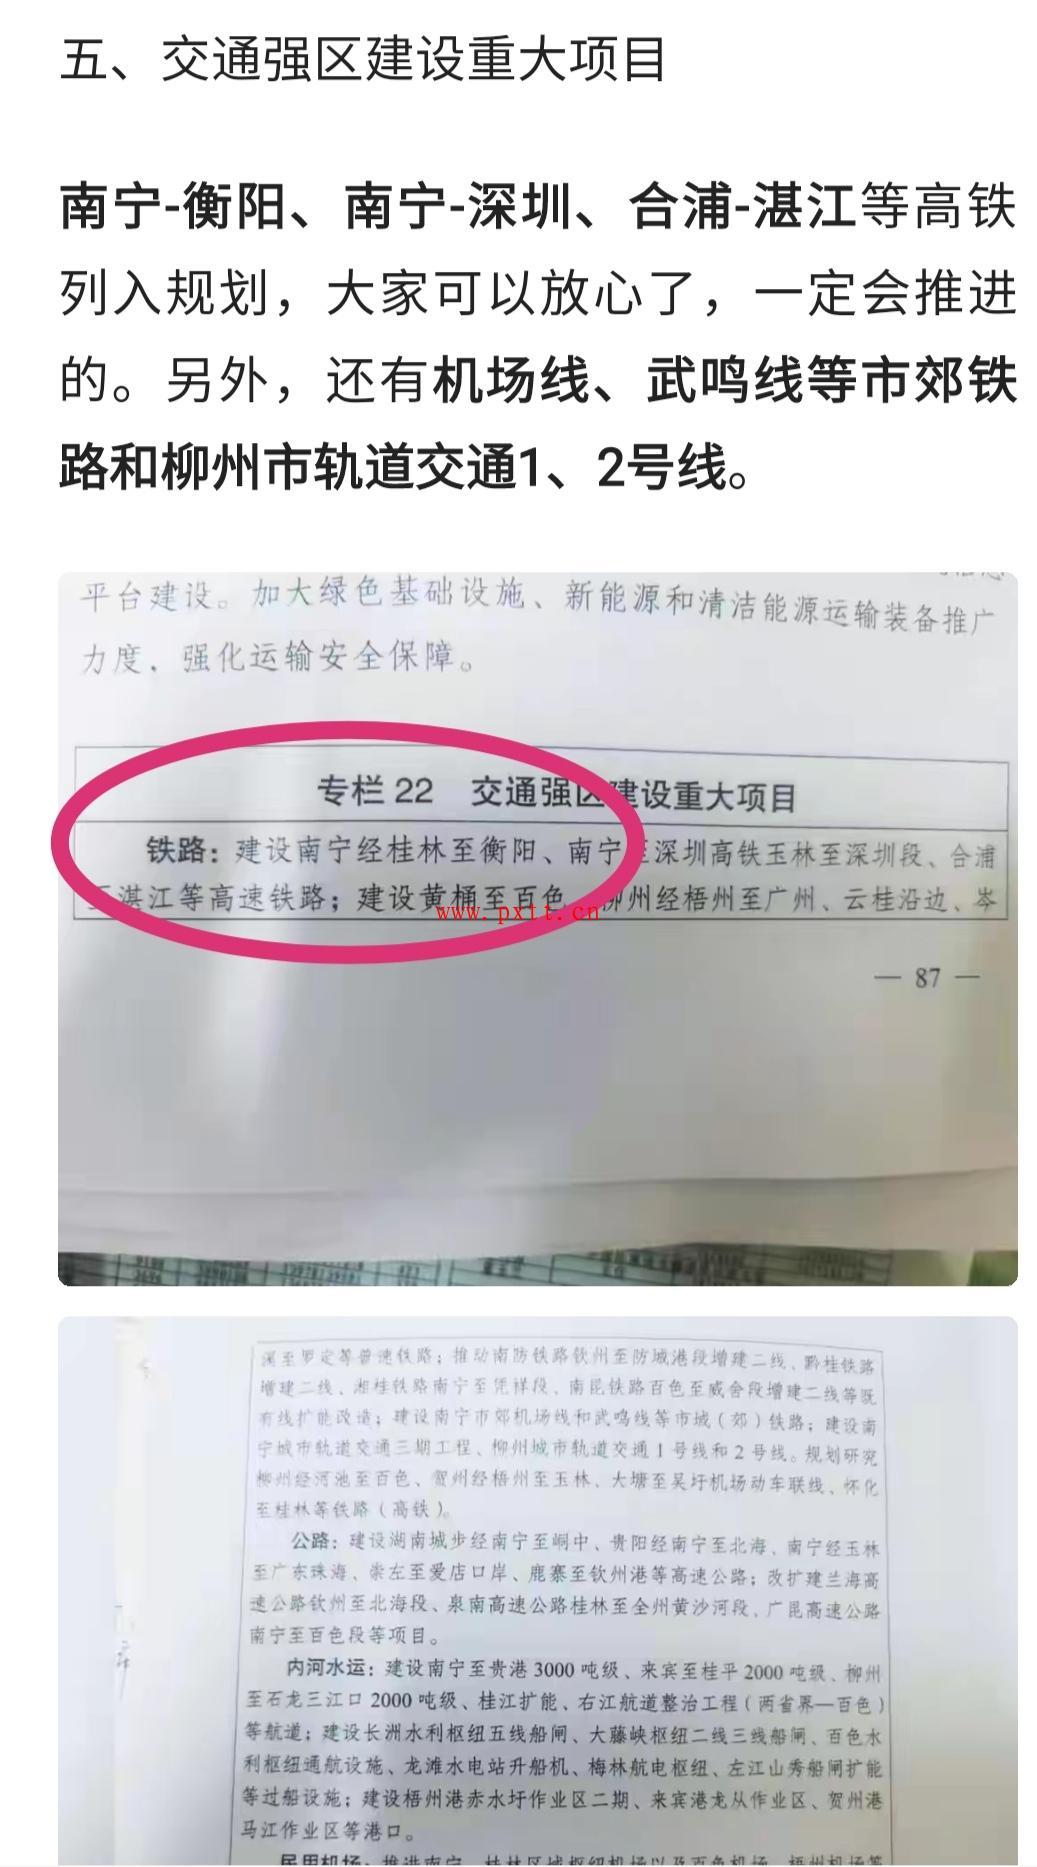 南衡高铁已经列入广西十四五规划 开工在即